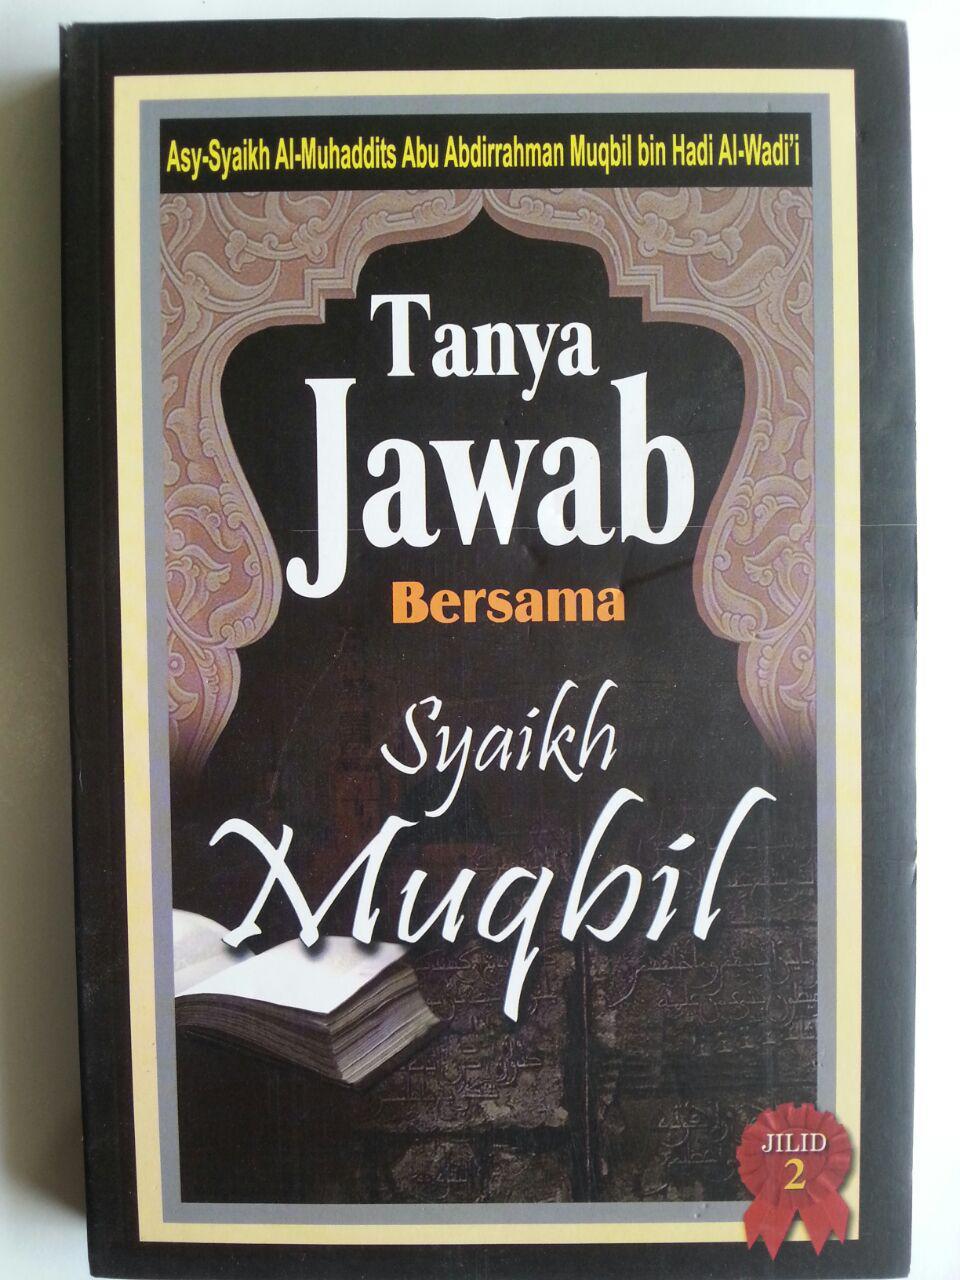 Buku Tanya Jawab Bersama Syaikh Muqbil Set 2 Jilid cover 2